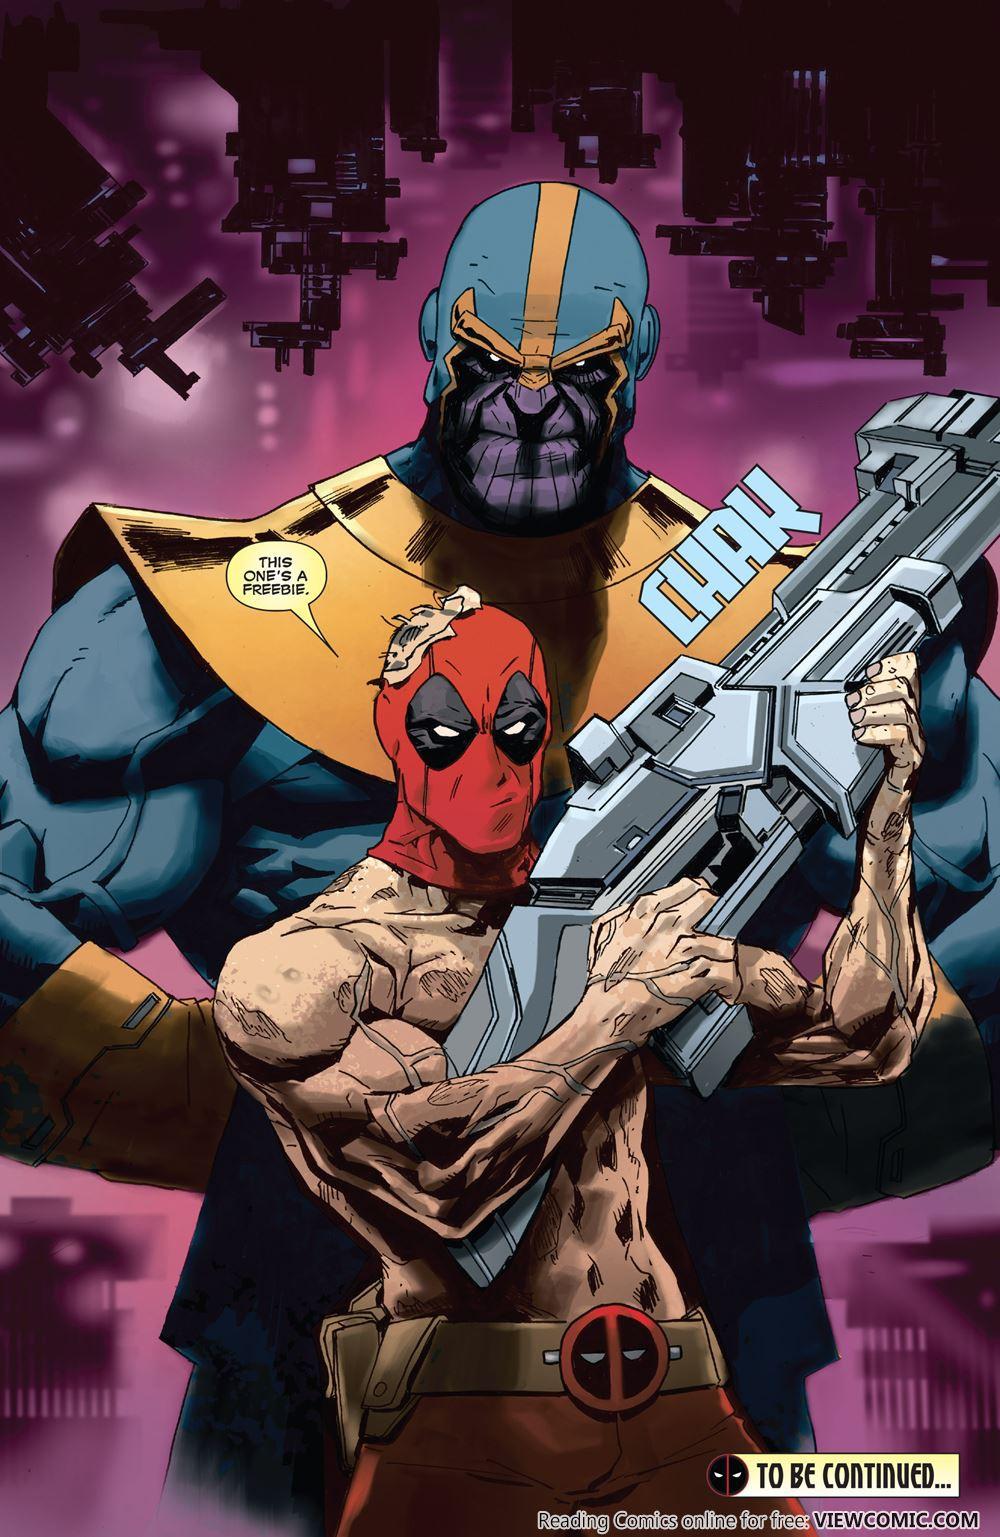 Infinity War lẽ ra đã rất khác nếu có sự xuất hiện của Deadpool và đây là 5 lý do tại sao! - Ảnh 4.